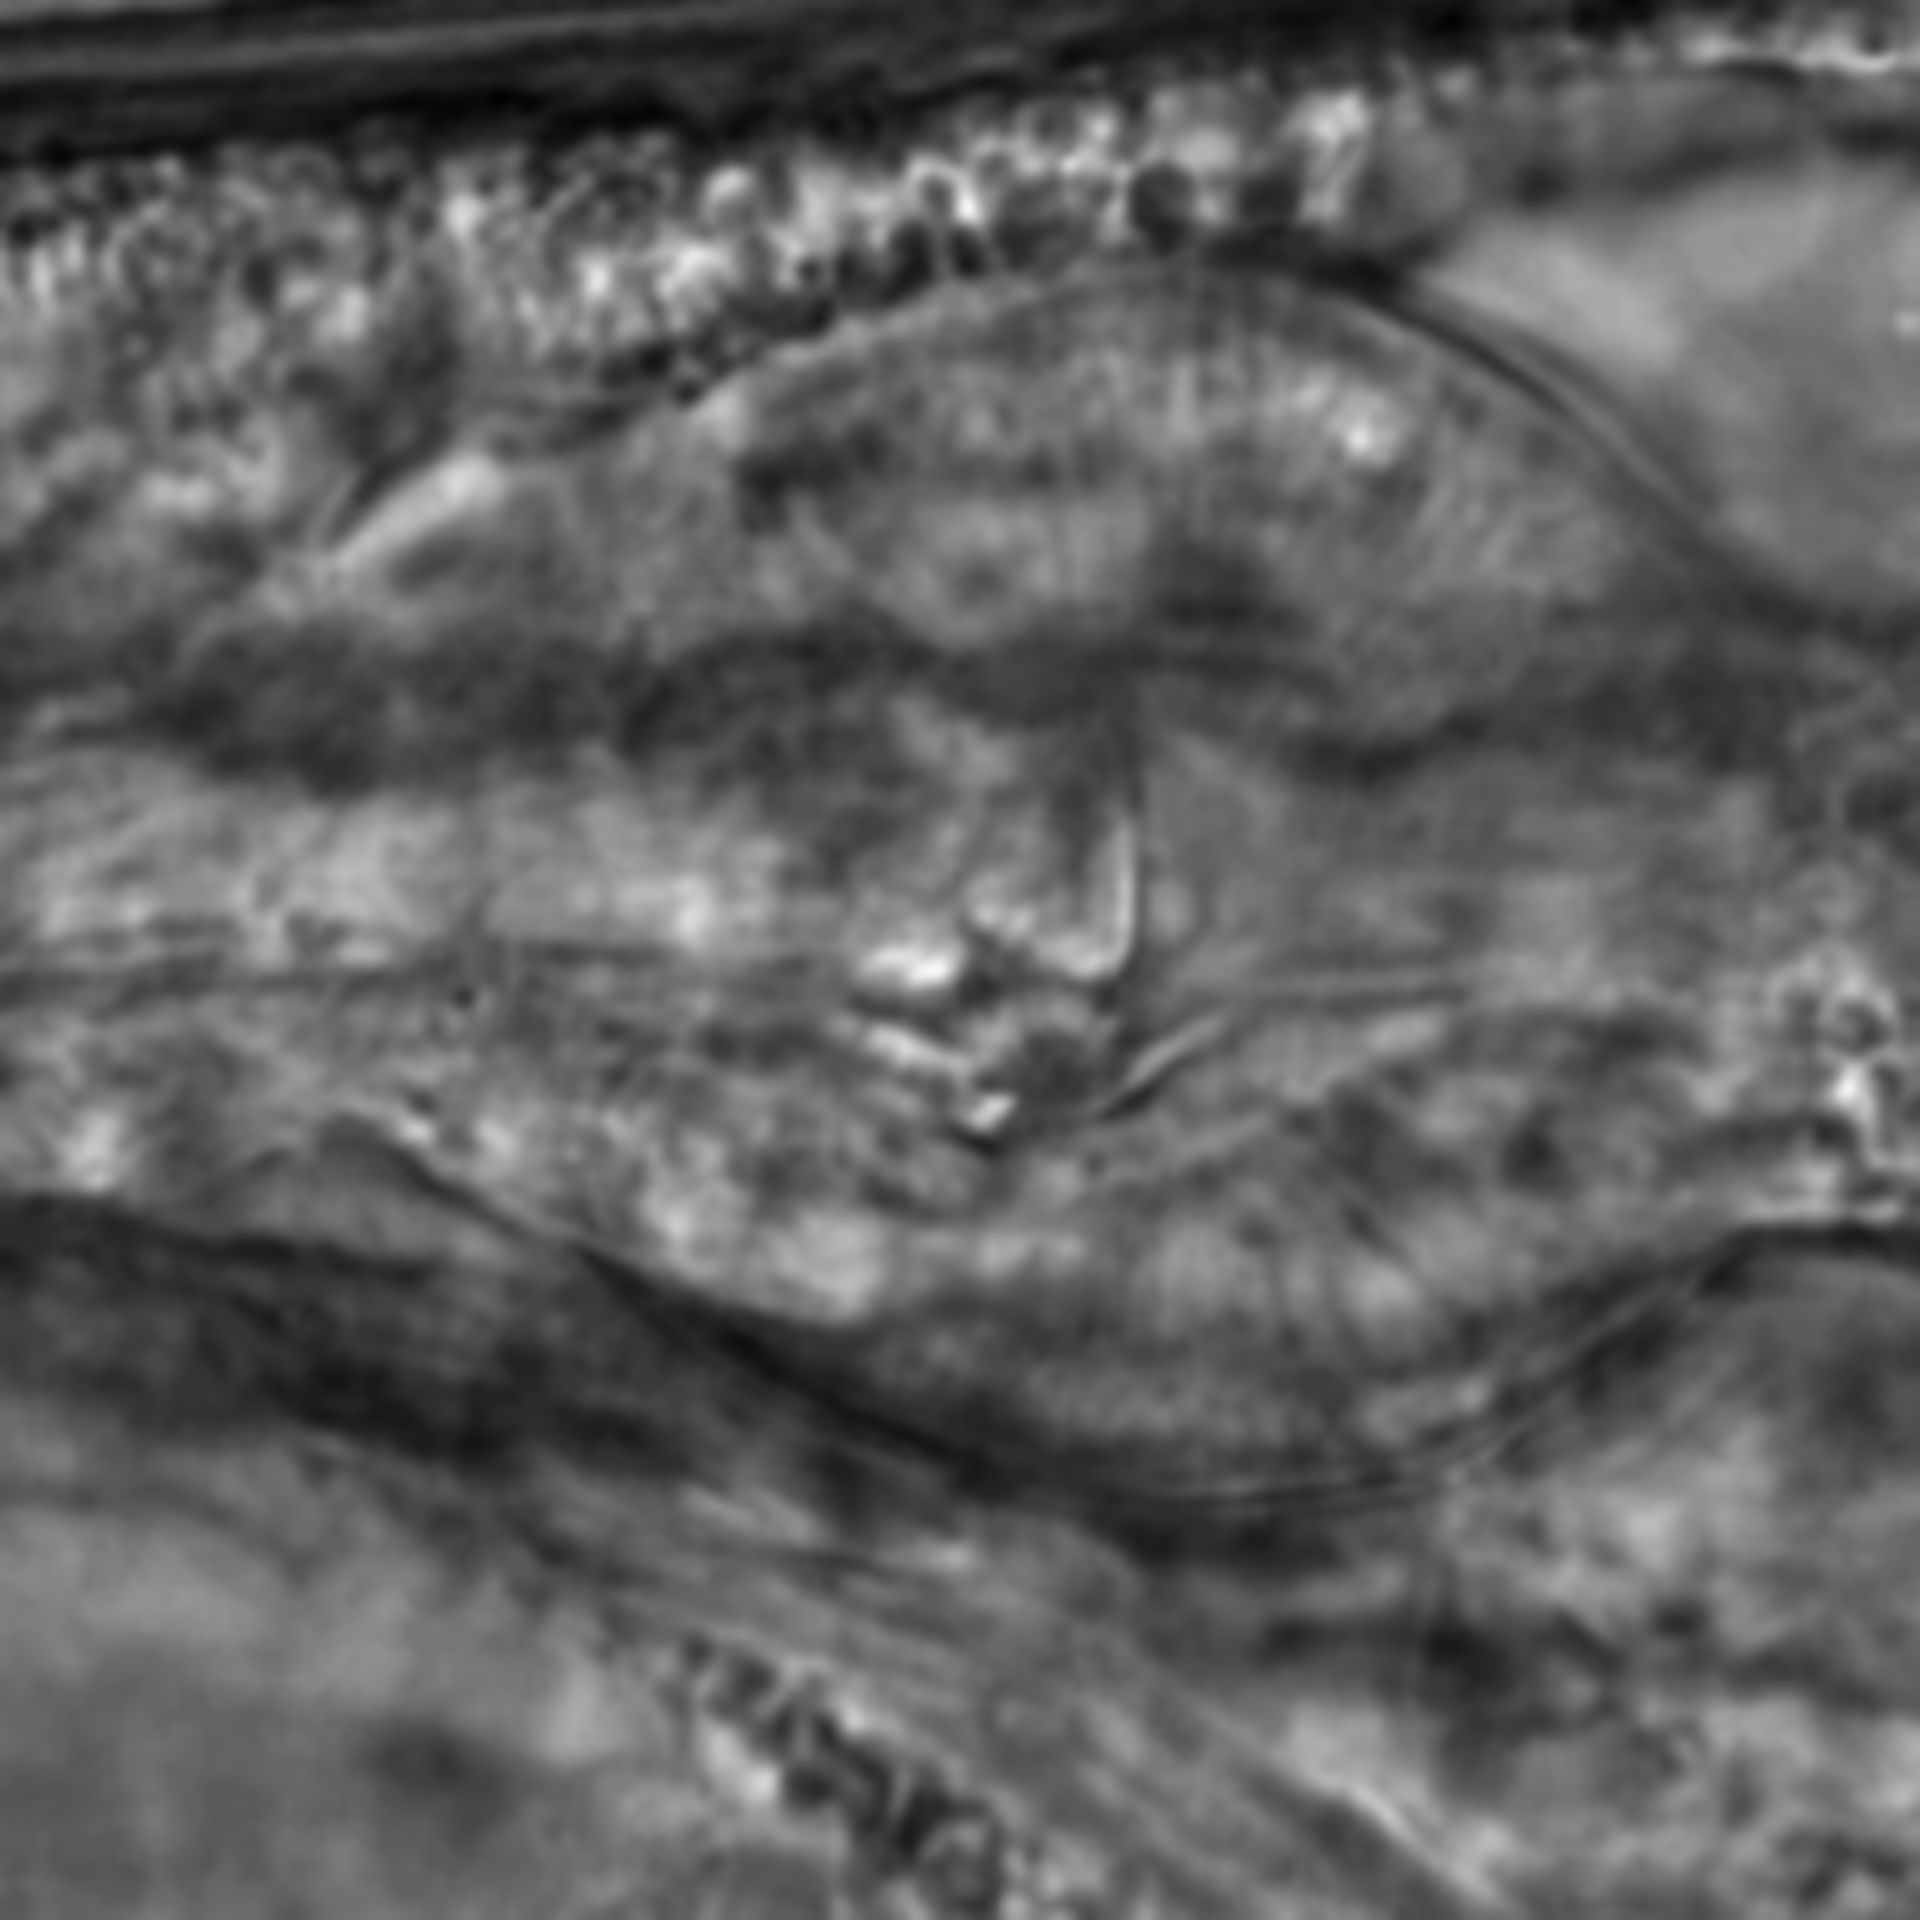 Caenorhabditis elegans - CIL:2201